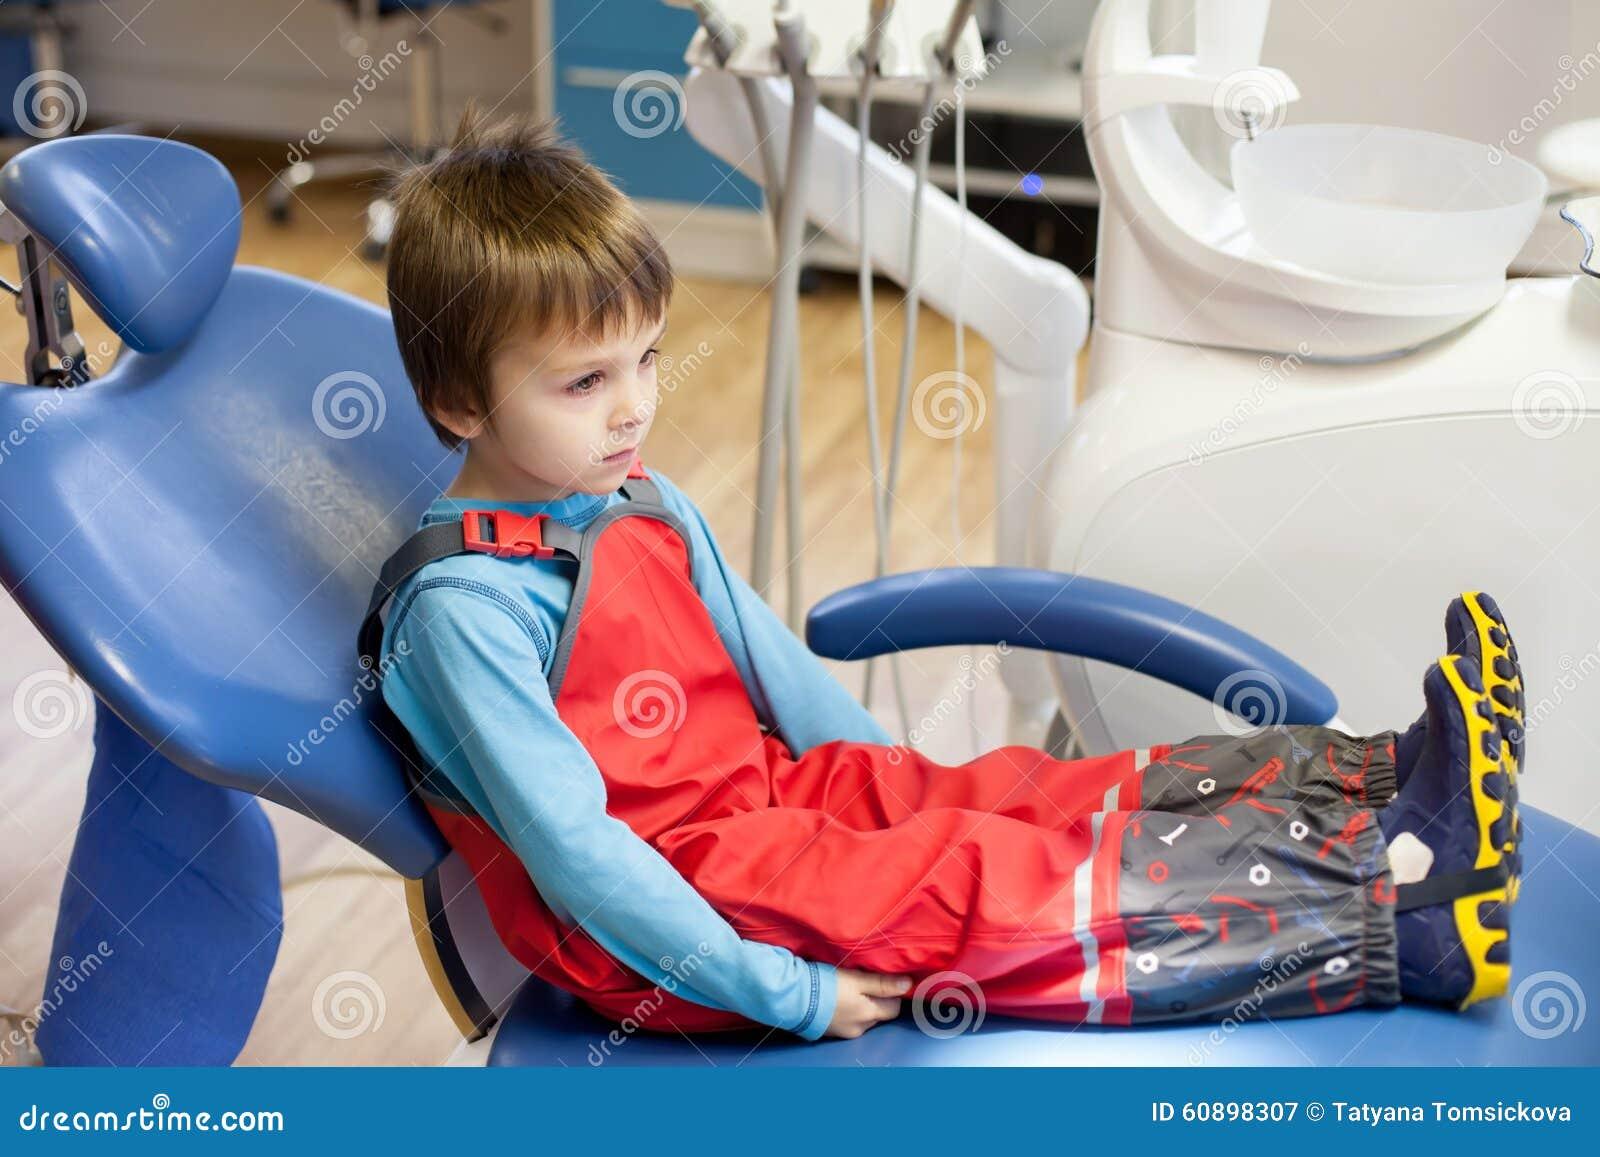 Scared Little Child Boy Sitting On Dentist Chair